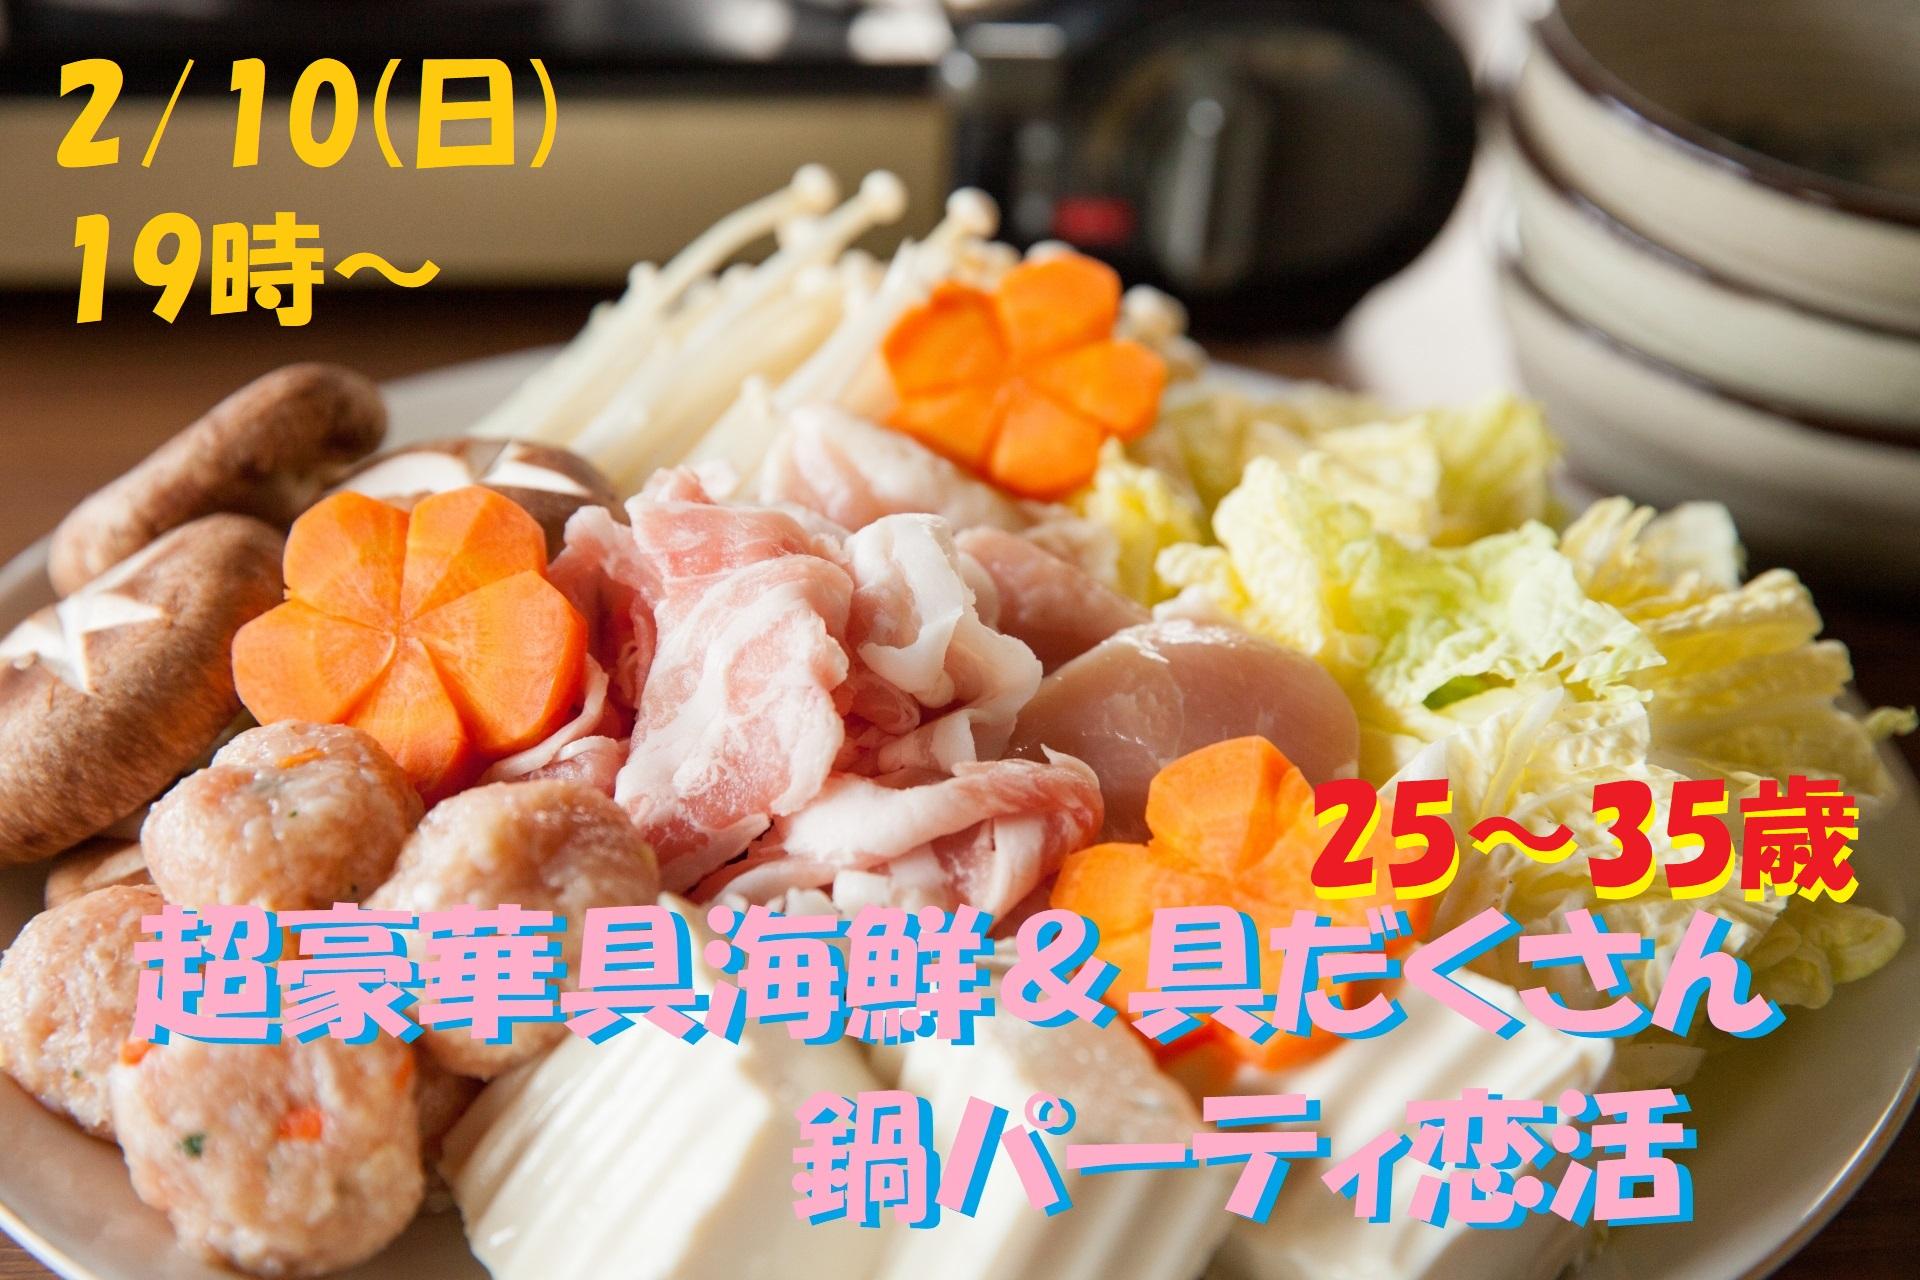 【終了】2月10日(日)19時~【25~35歳】30歳前後の超豪華海鮮&具だくさん鍋パーティ恋活!